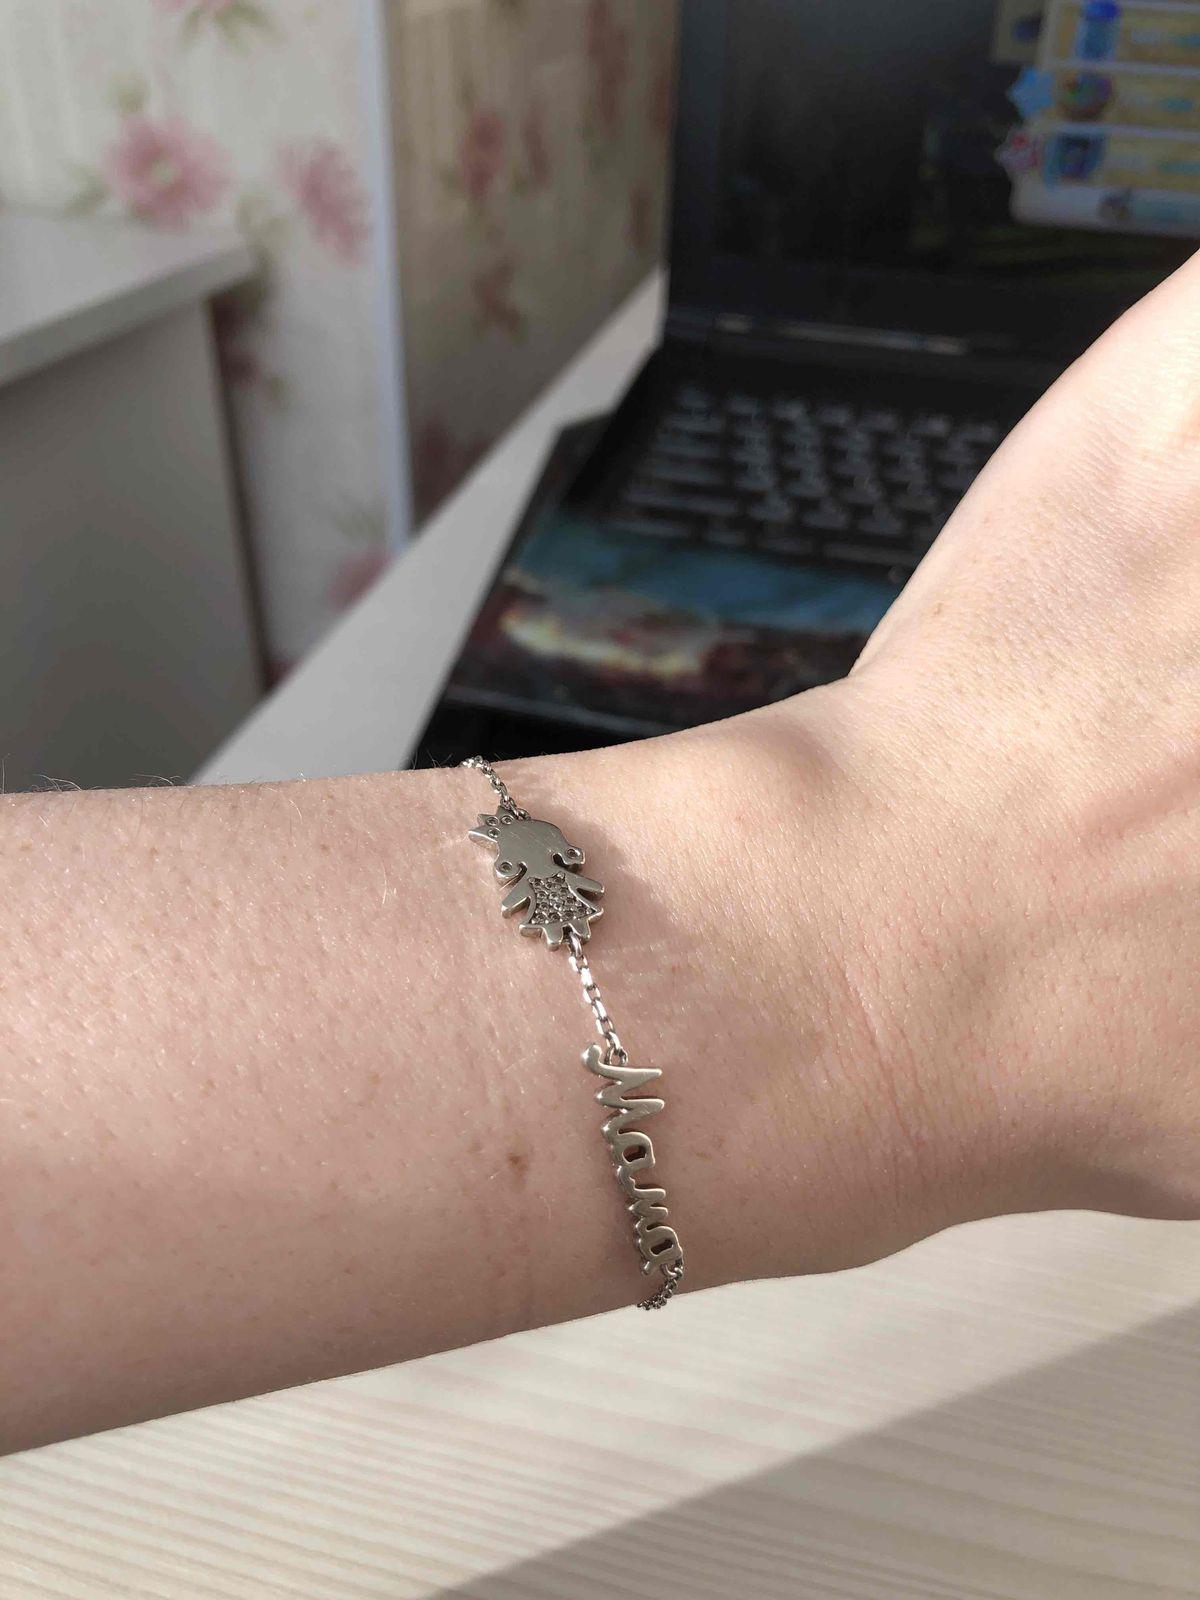 Красивый,нежный серебрянный браслет с фианитами от санлайт г. нефтеюганска!